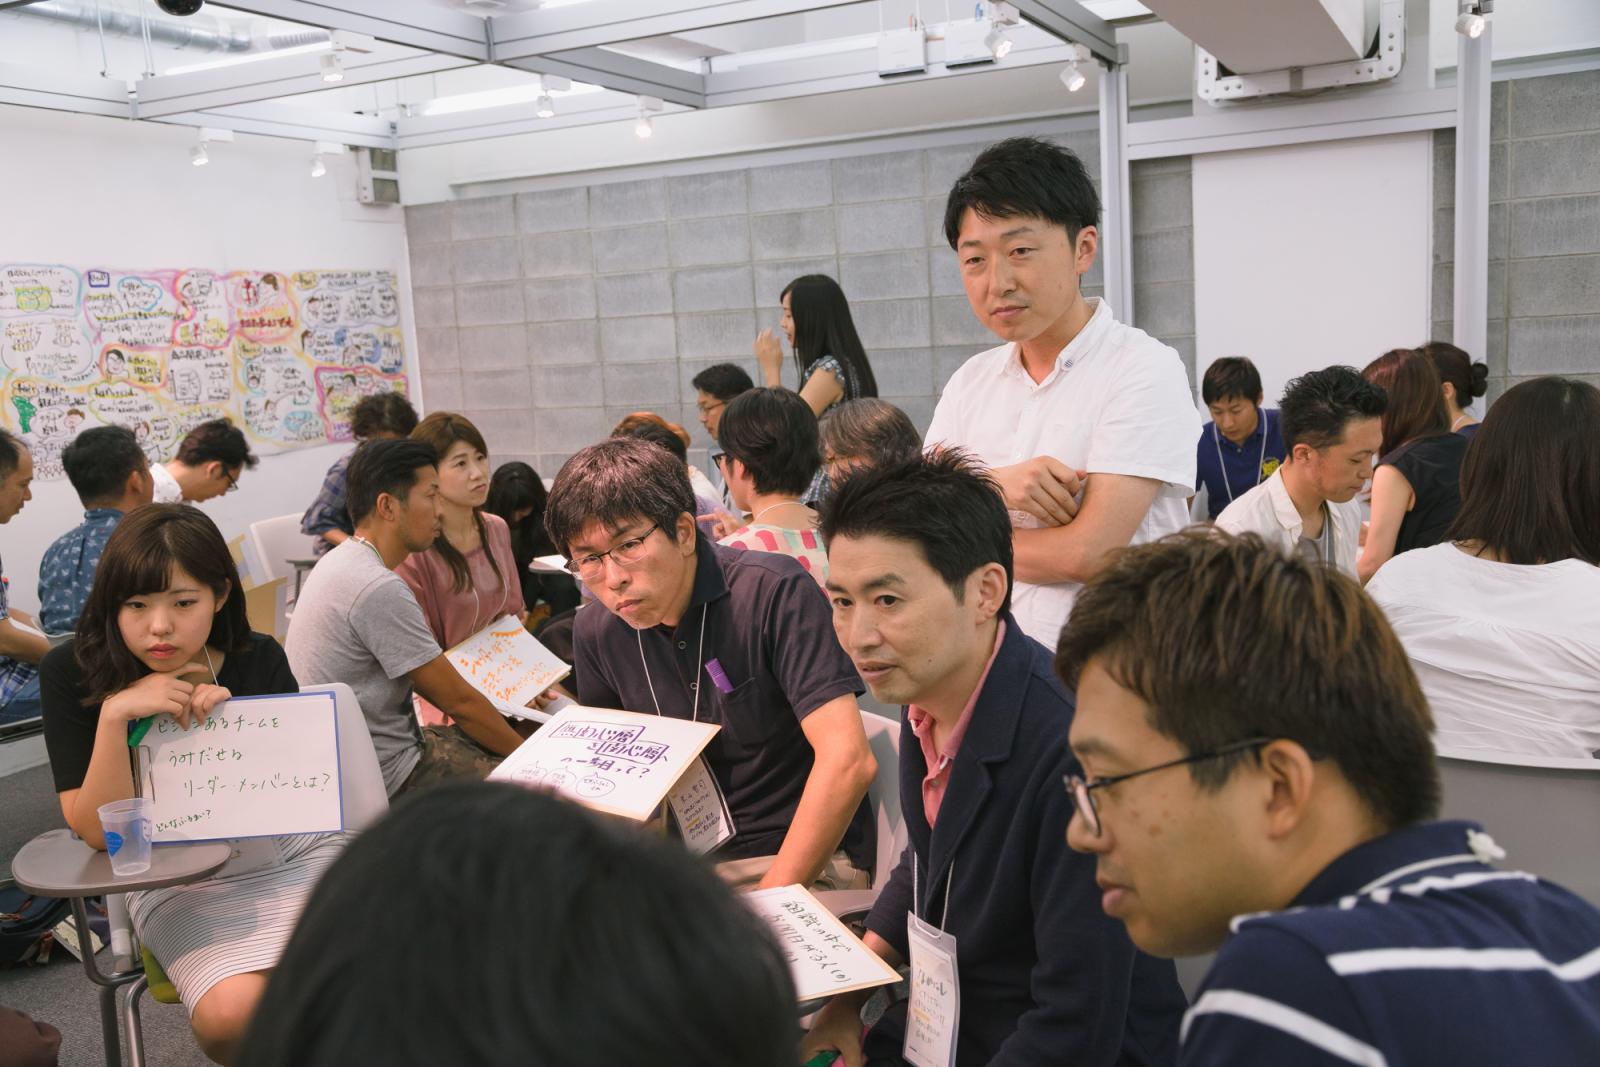 京都市で行われたイベント「みんなごとのまちづくり」にて